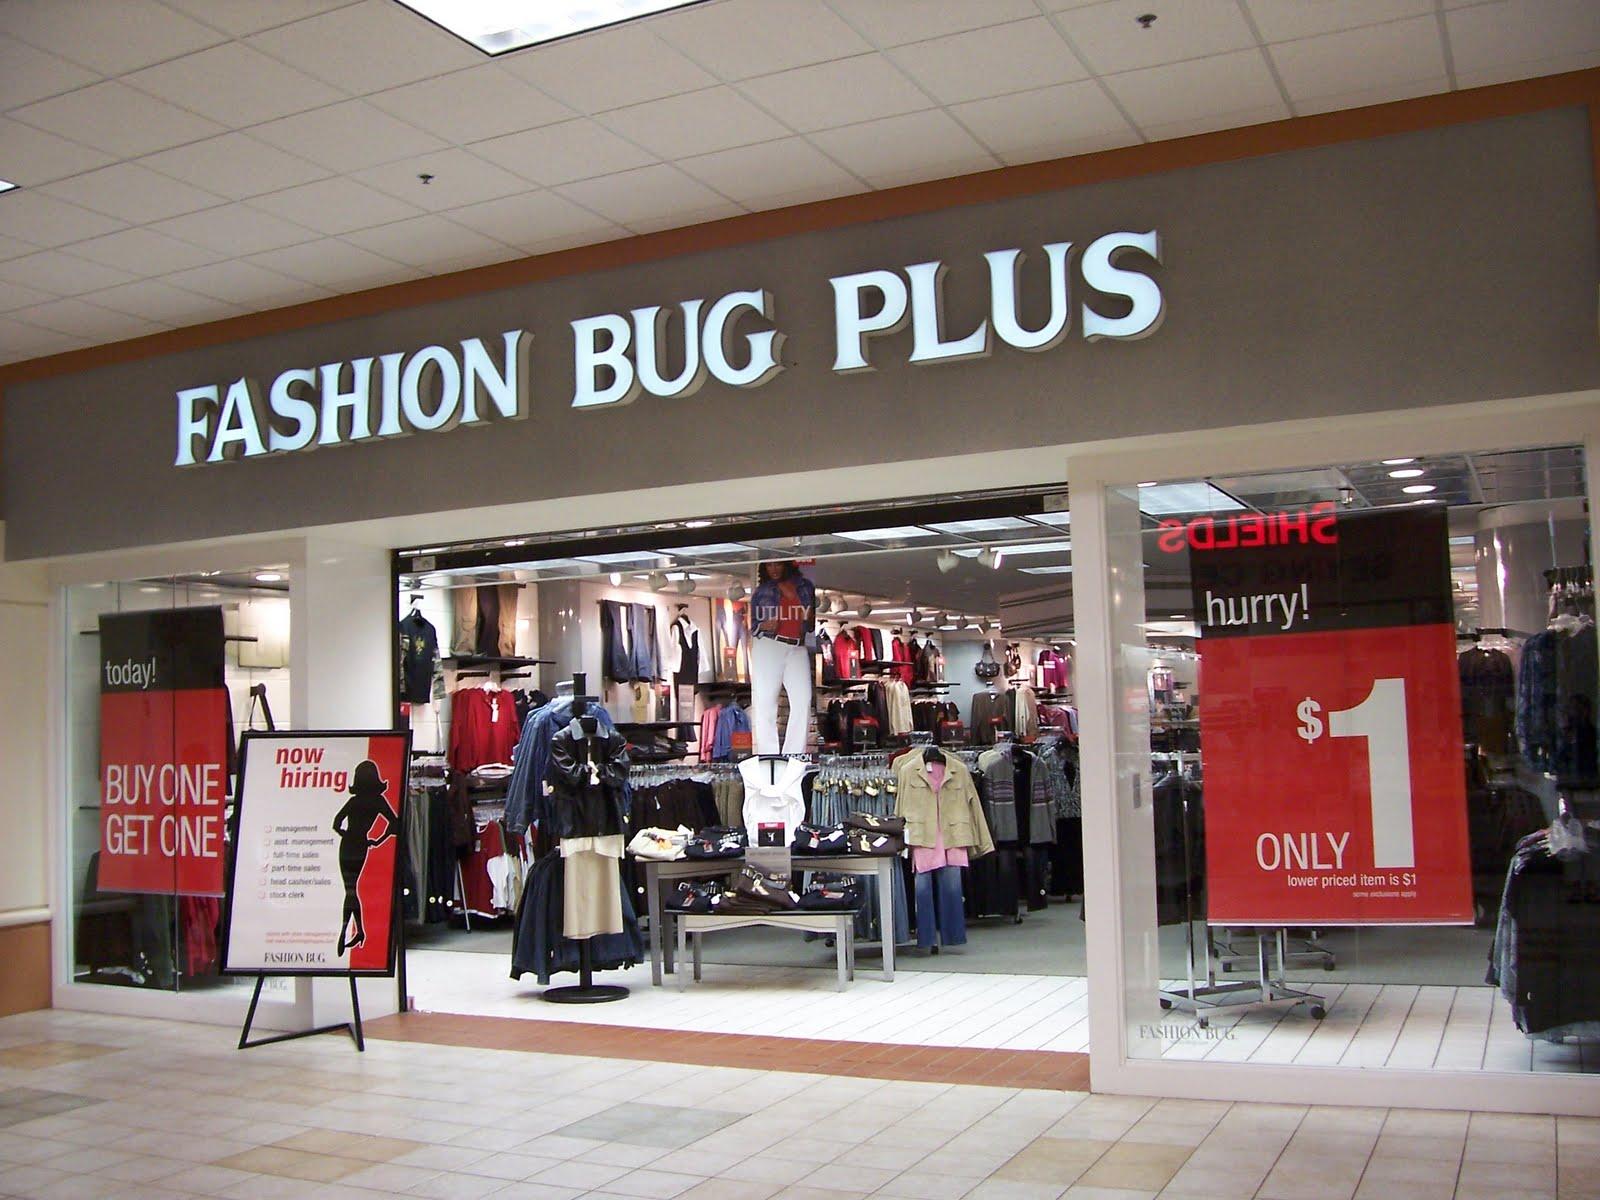 Is fashion bug closing